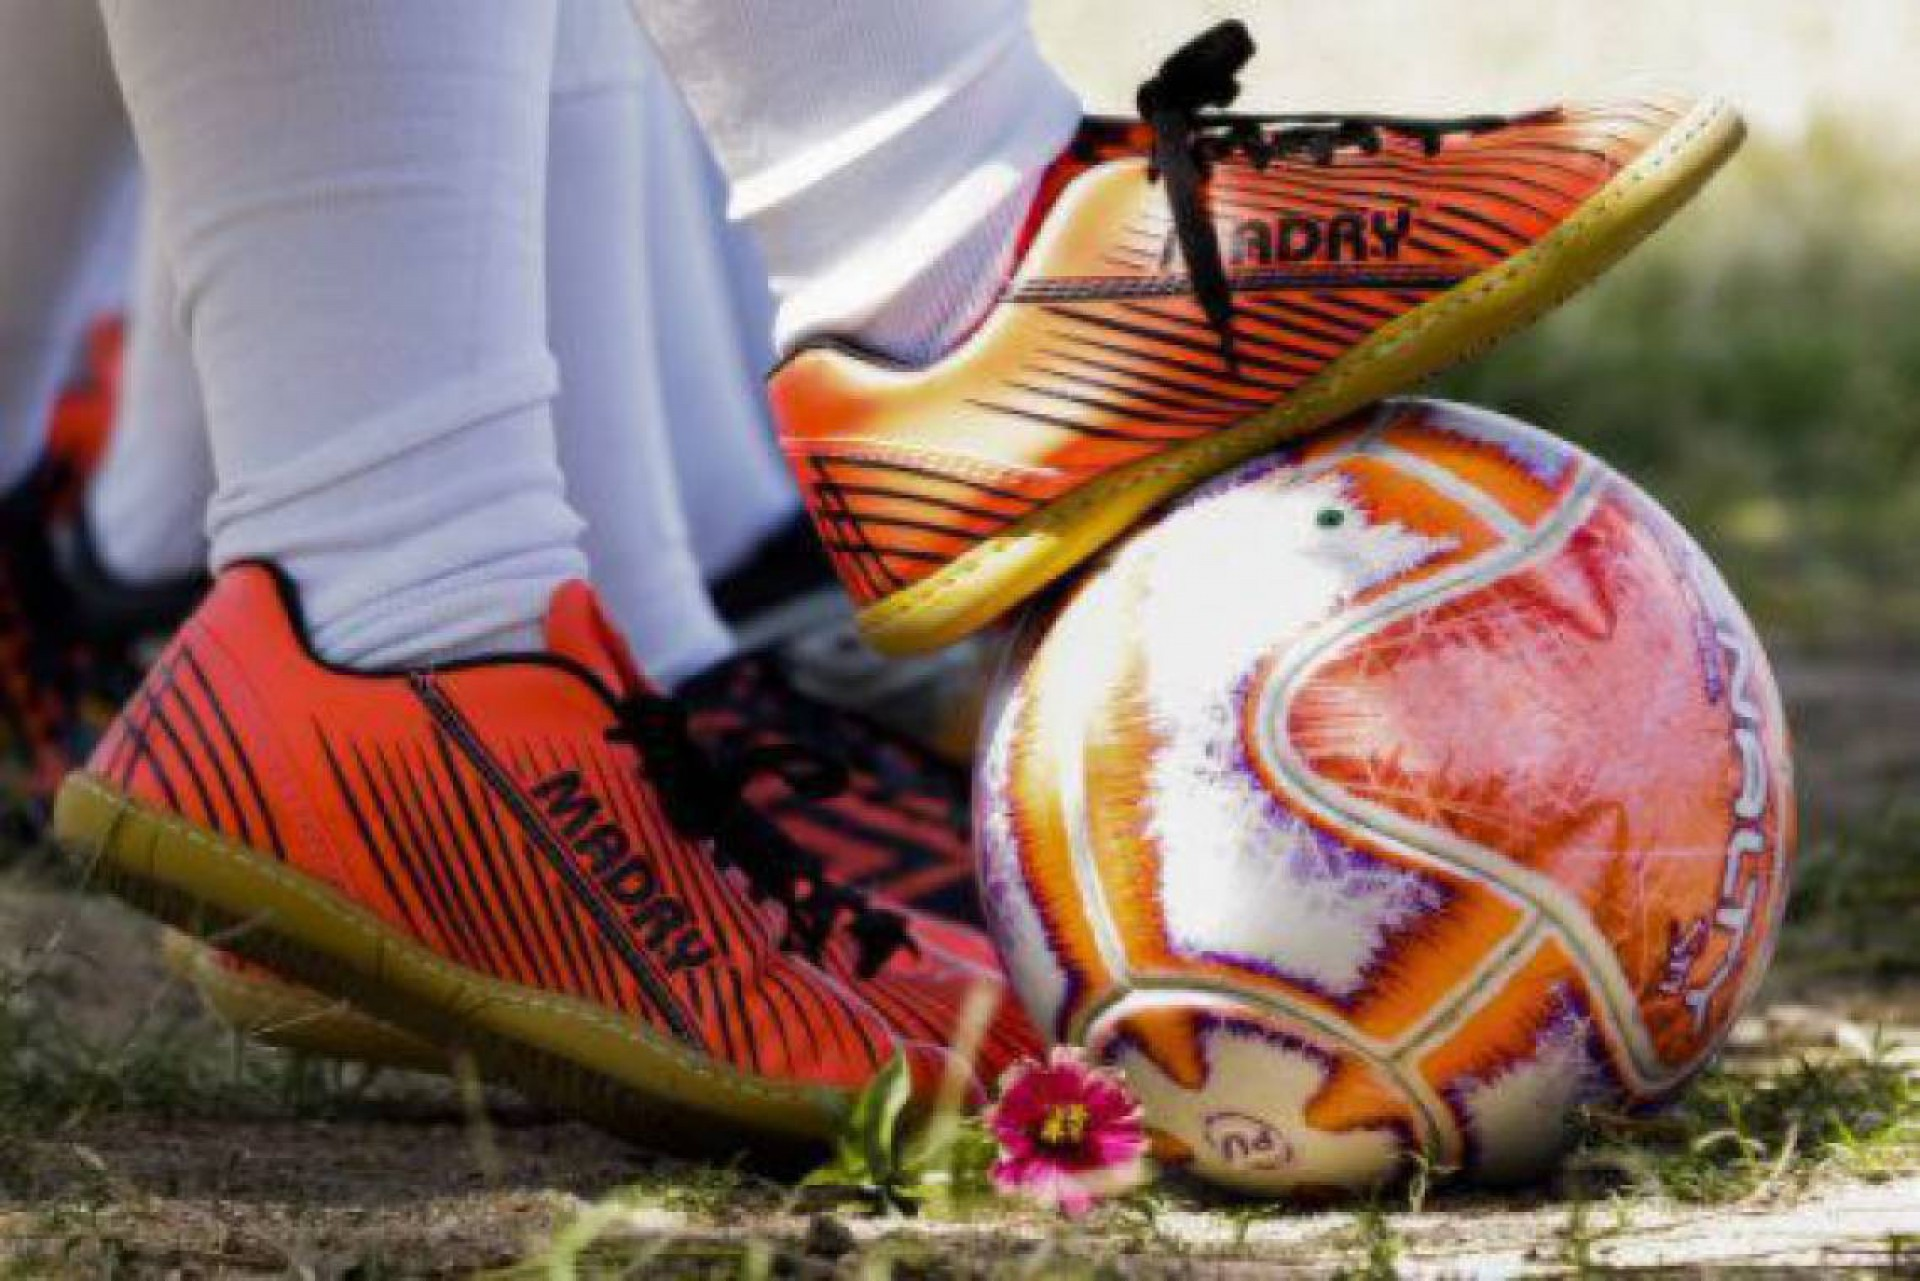 Confira os jogos de futebol na TV hoje, domingo, 17 de janeiro (17/01).